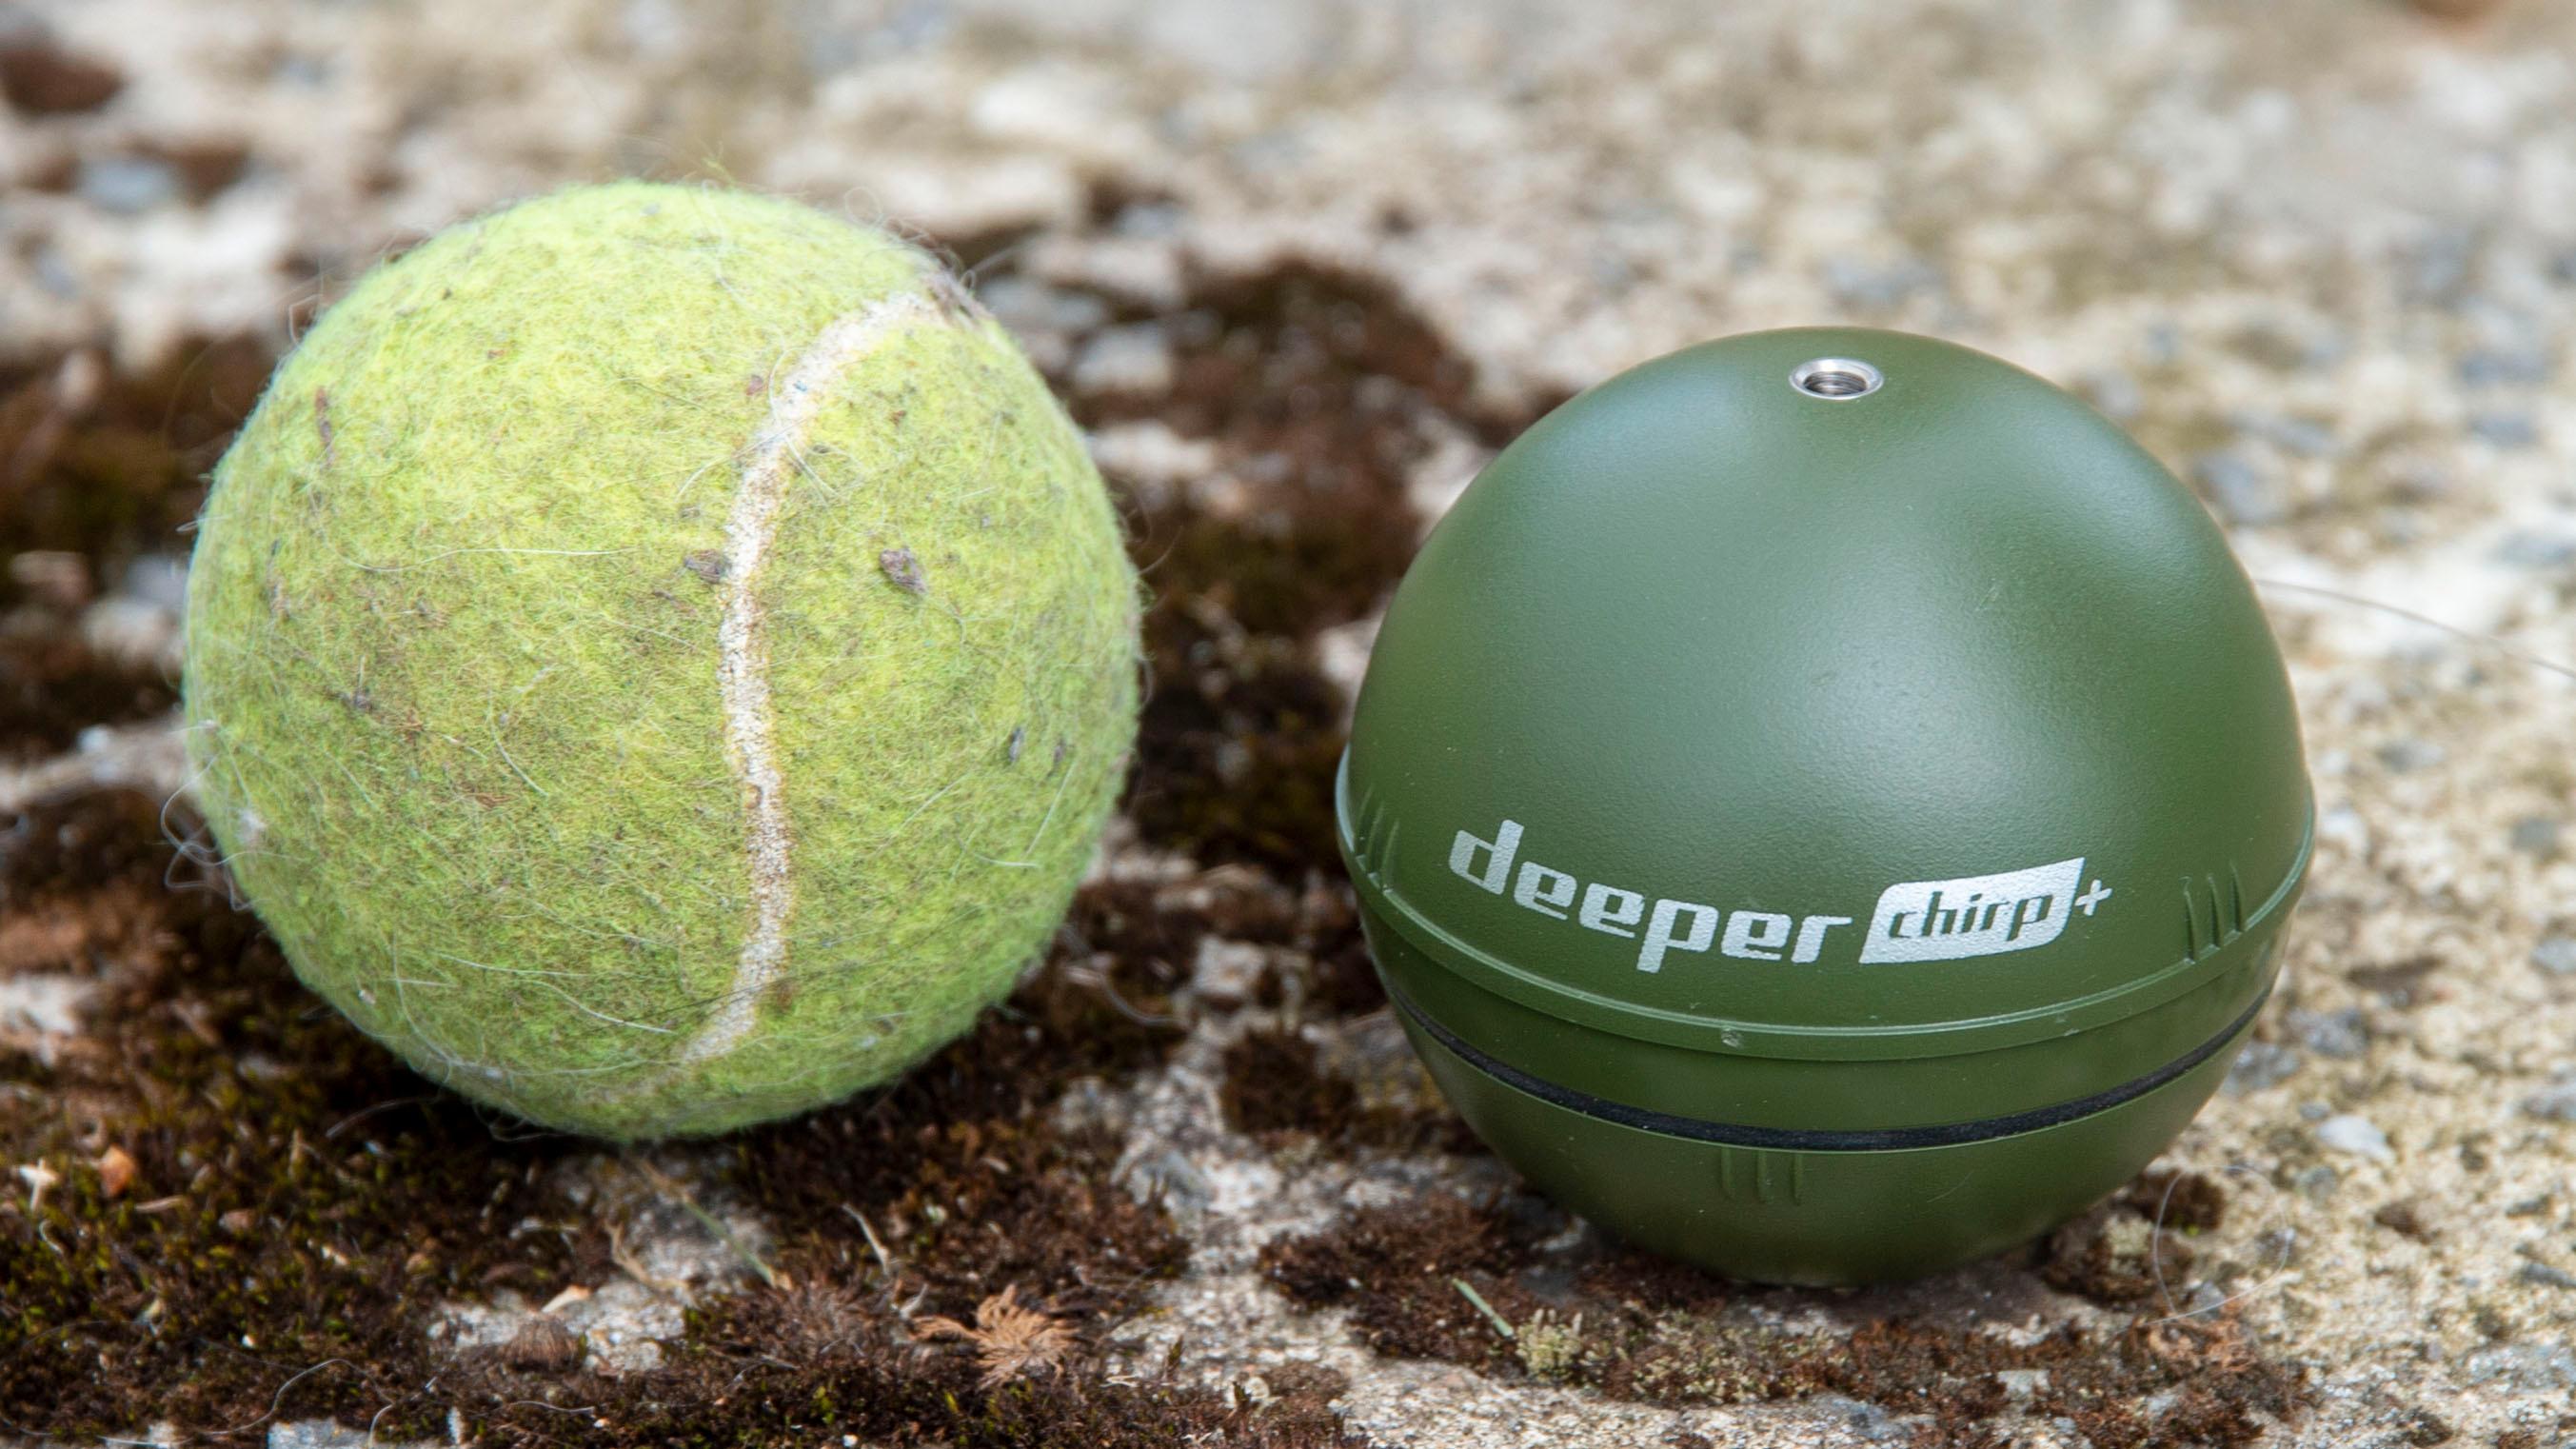 Deeper Smart Sonar Chirp+ er på størrelse med en tennisball